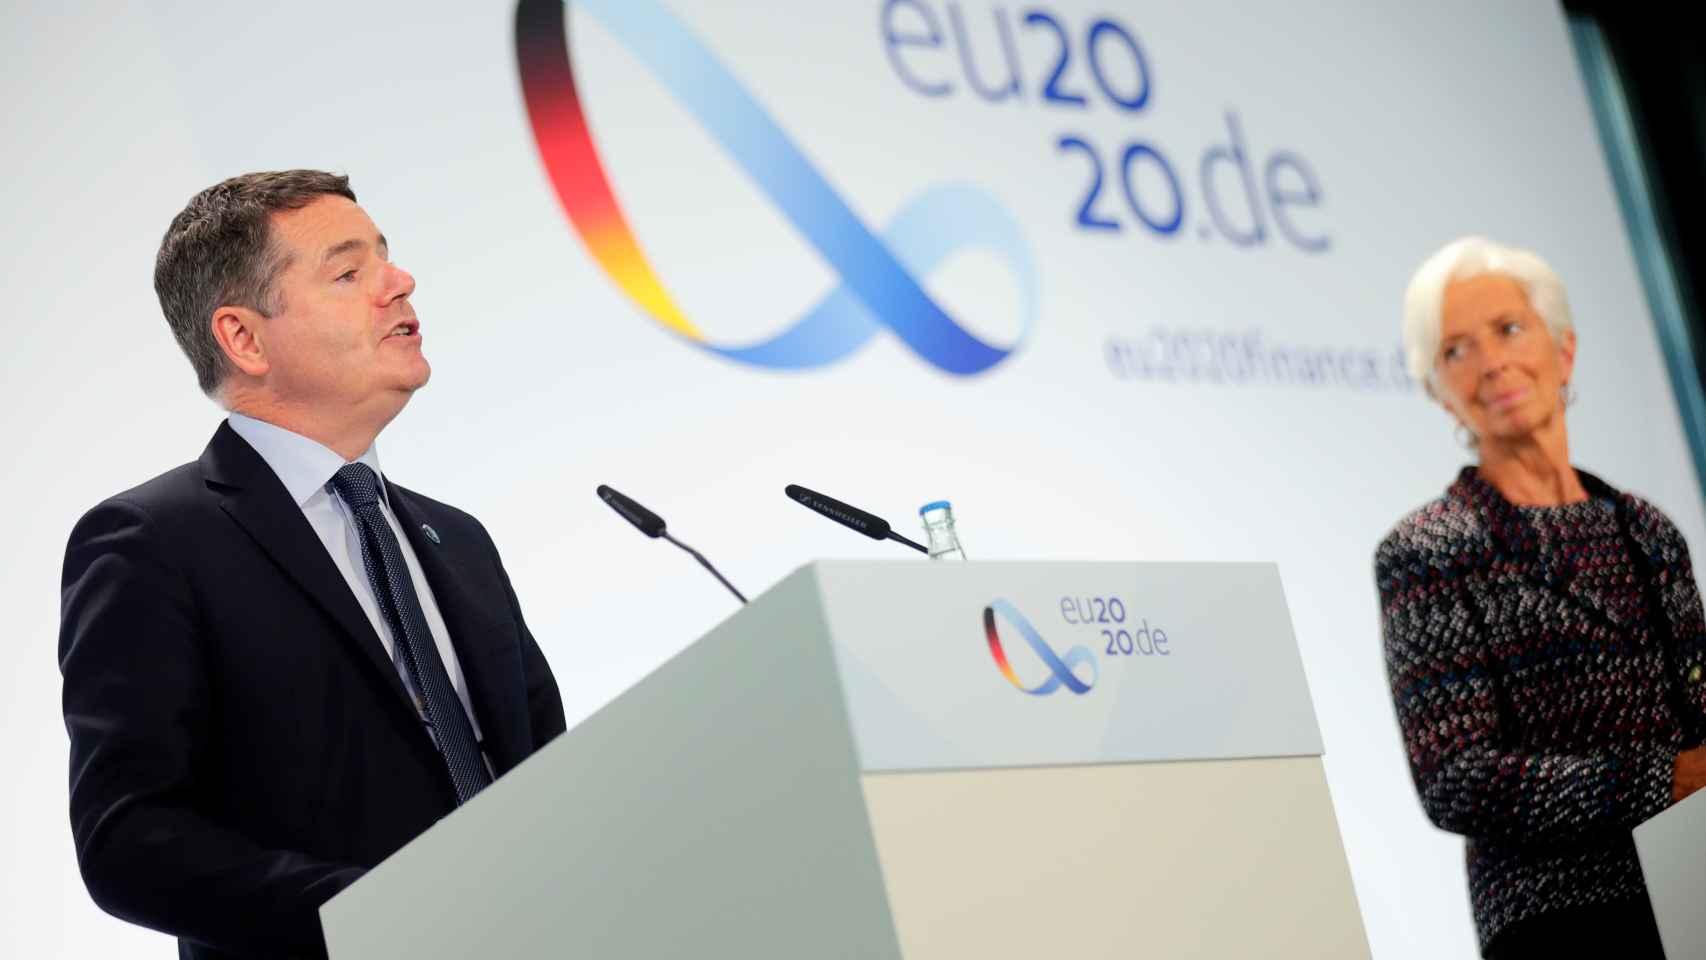 El presidente del Eurogrupo, Paschal Donohoe, y la presidenta del BCE, Christine Lagarde, este viernes en Berlín